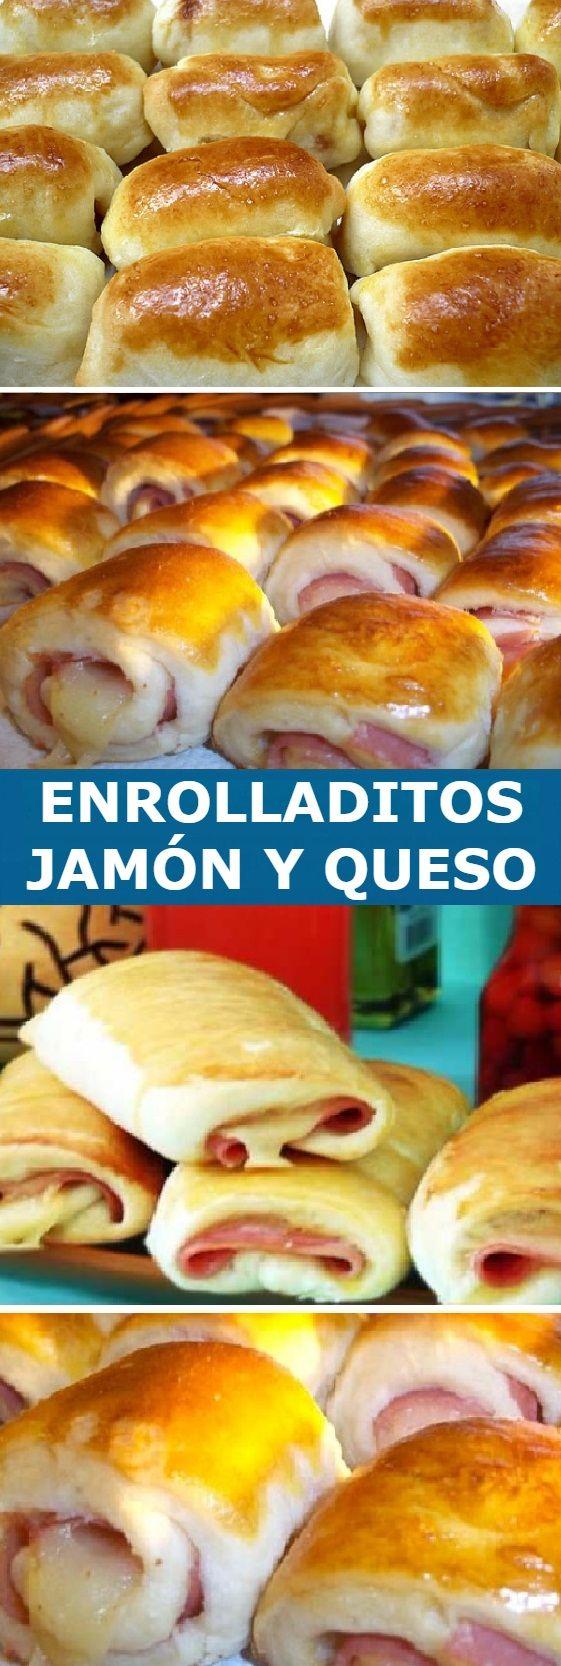 Receta Pan Casero: ENROLLADITOS de Jamón y Queso, Si te gusta dinos HOLA y dale a Me Gusta MIREN …